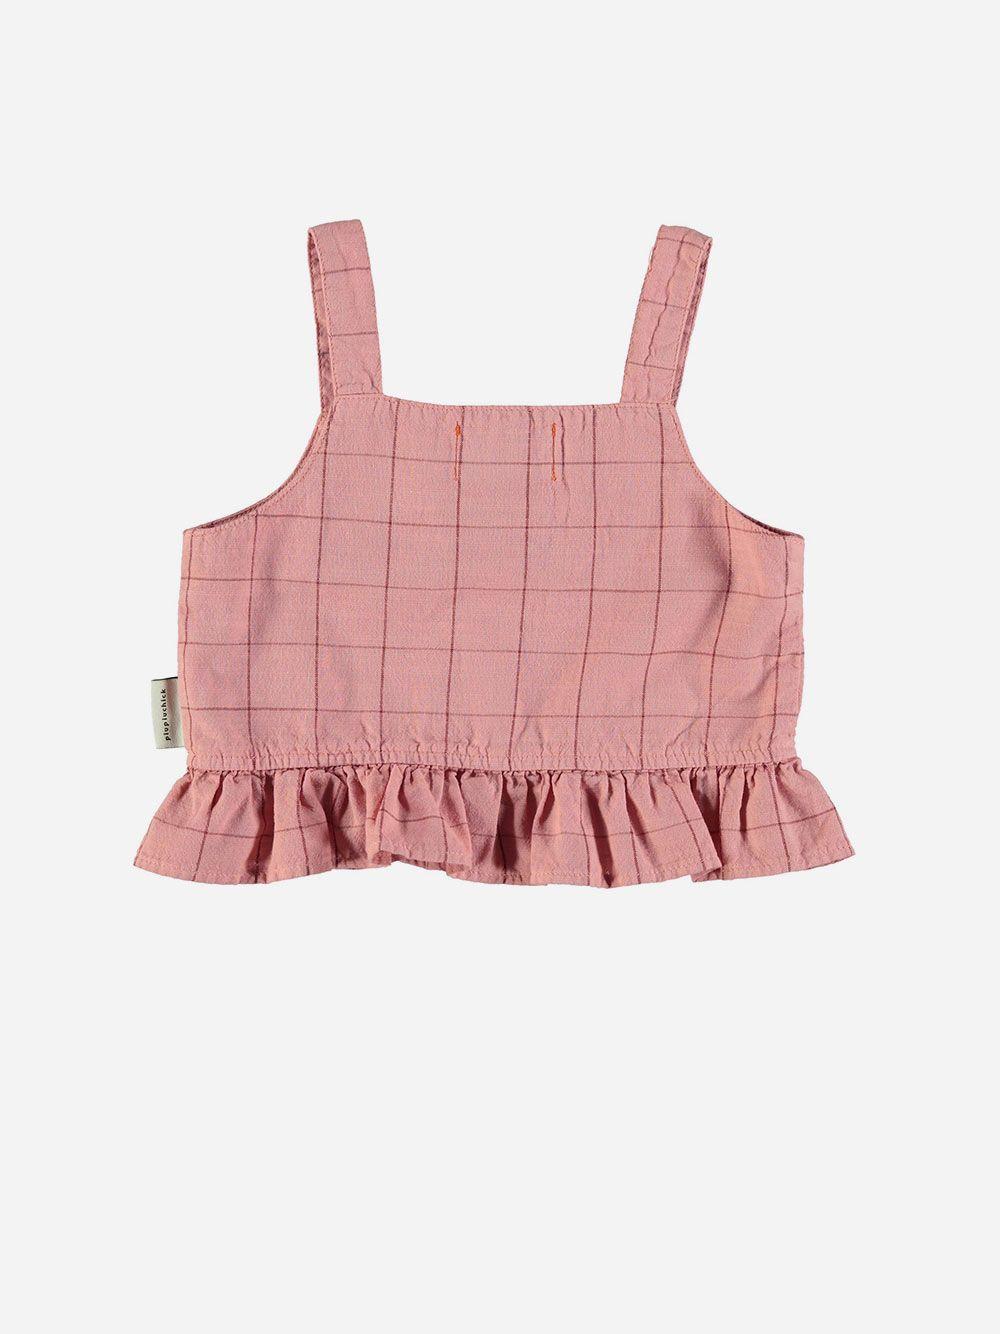 Top Pink & Garnet Checkered